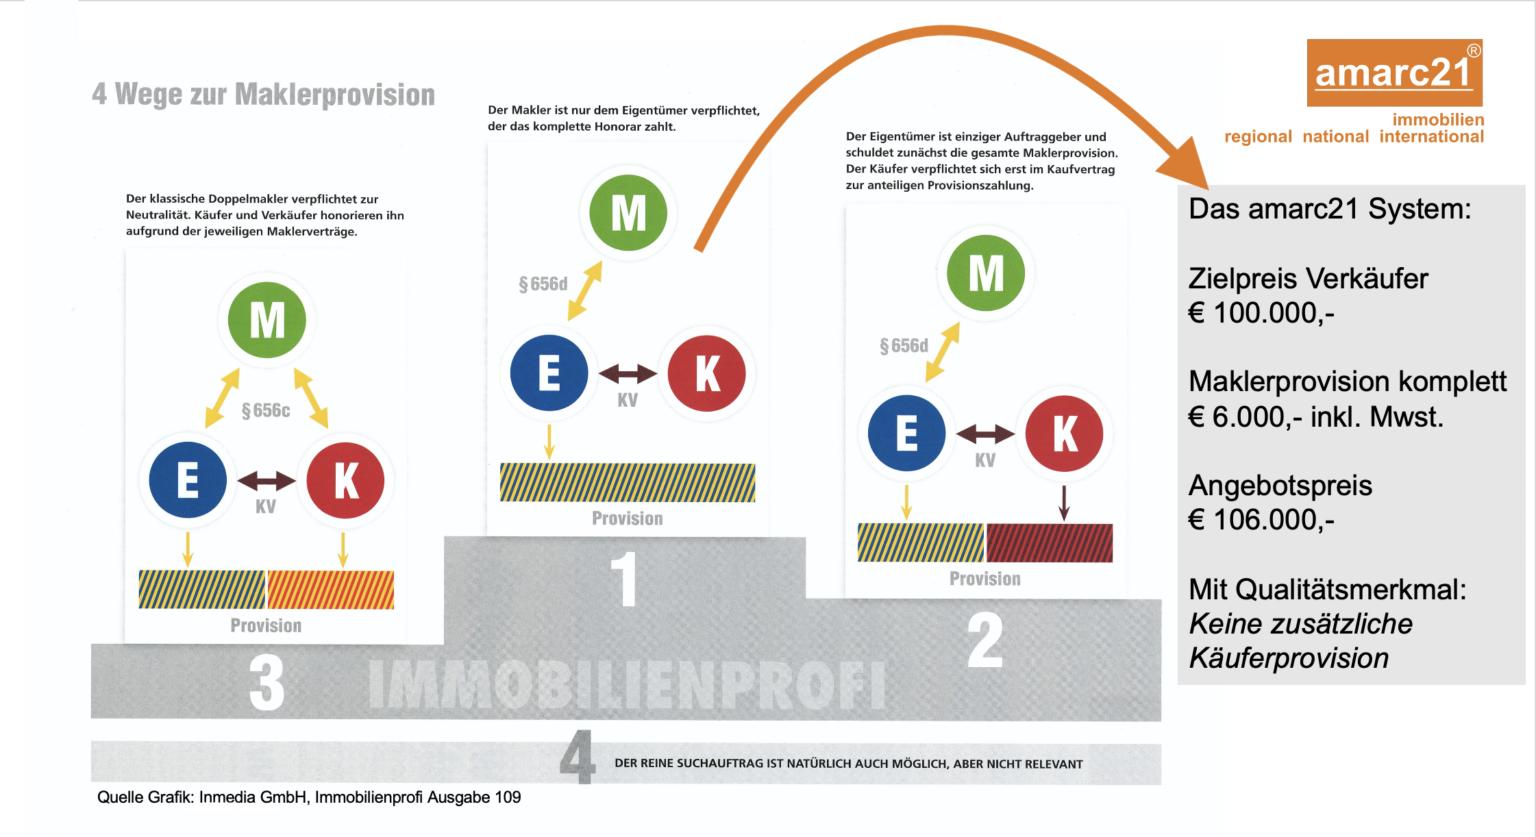 amarc21-Immobilien-provisionsfrei-4-Wege-zur-Maklerprovision